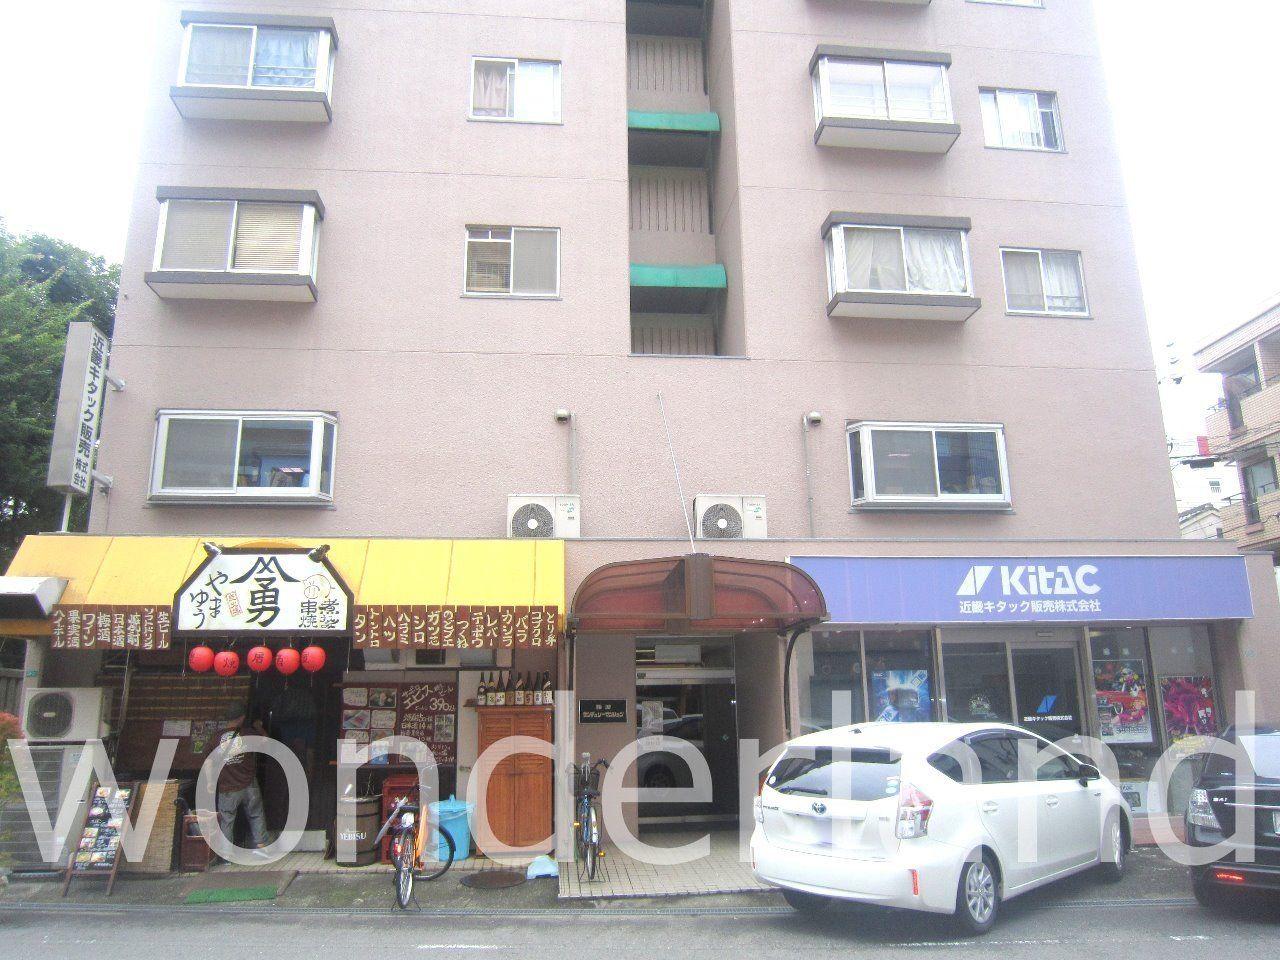 浪速区元町2丁目の分譲マンションとなります。 1階には飲食店が路面店で営業しています。 ユニットバス・キッチン・室内洗濯パン新調!! 表紙